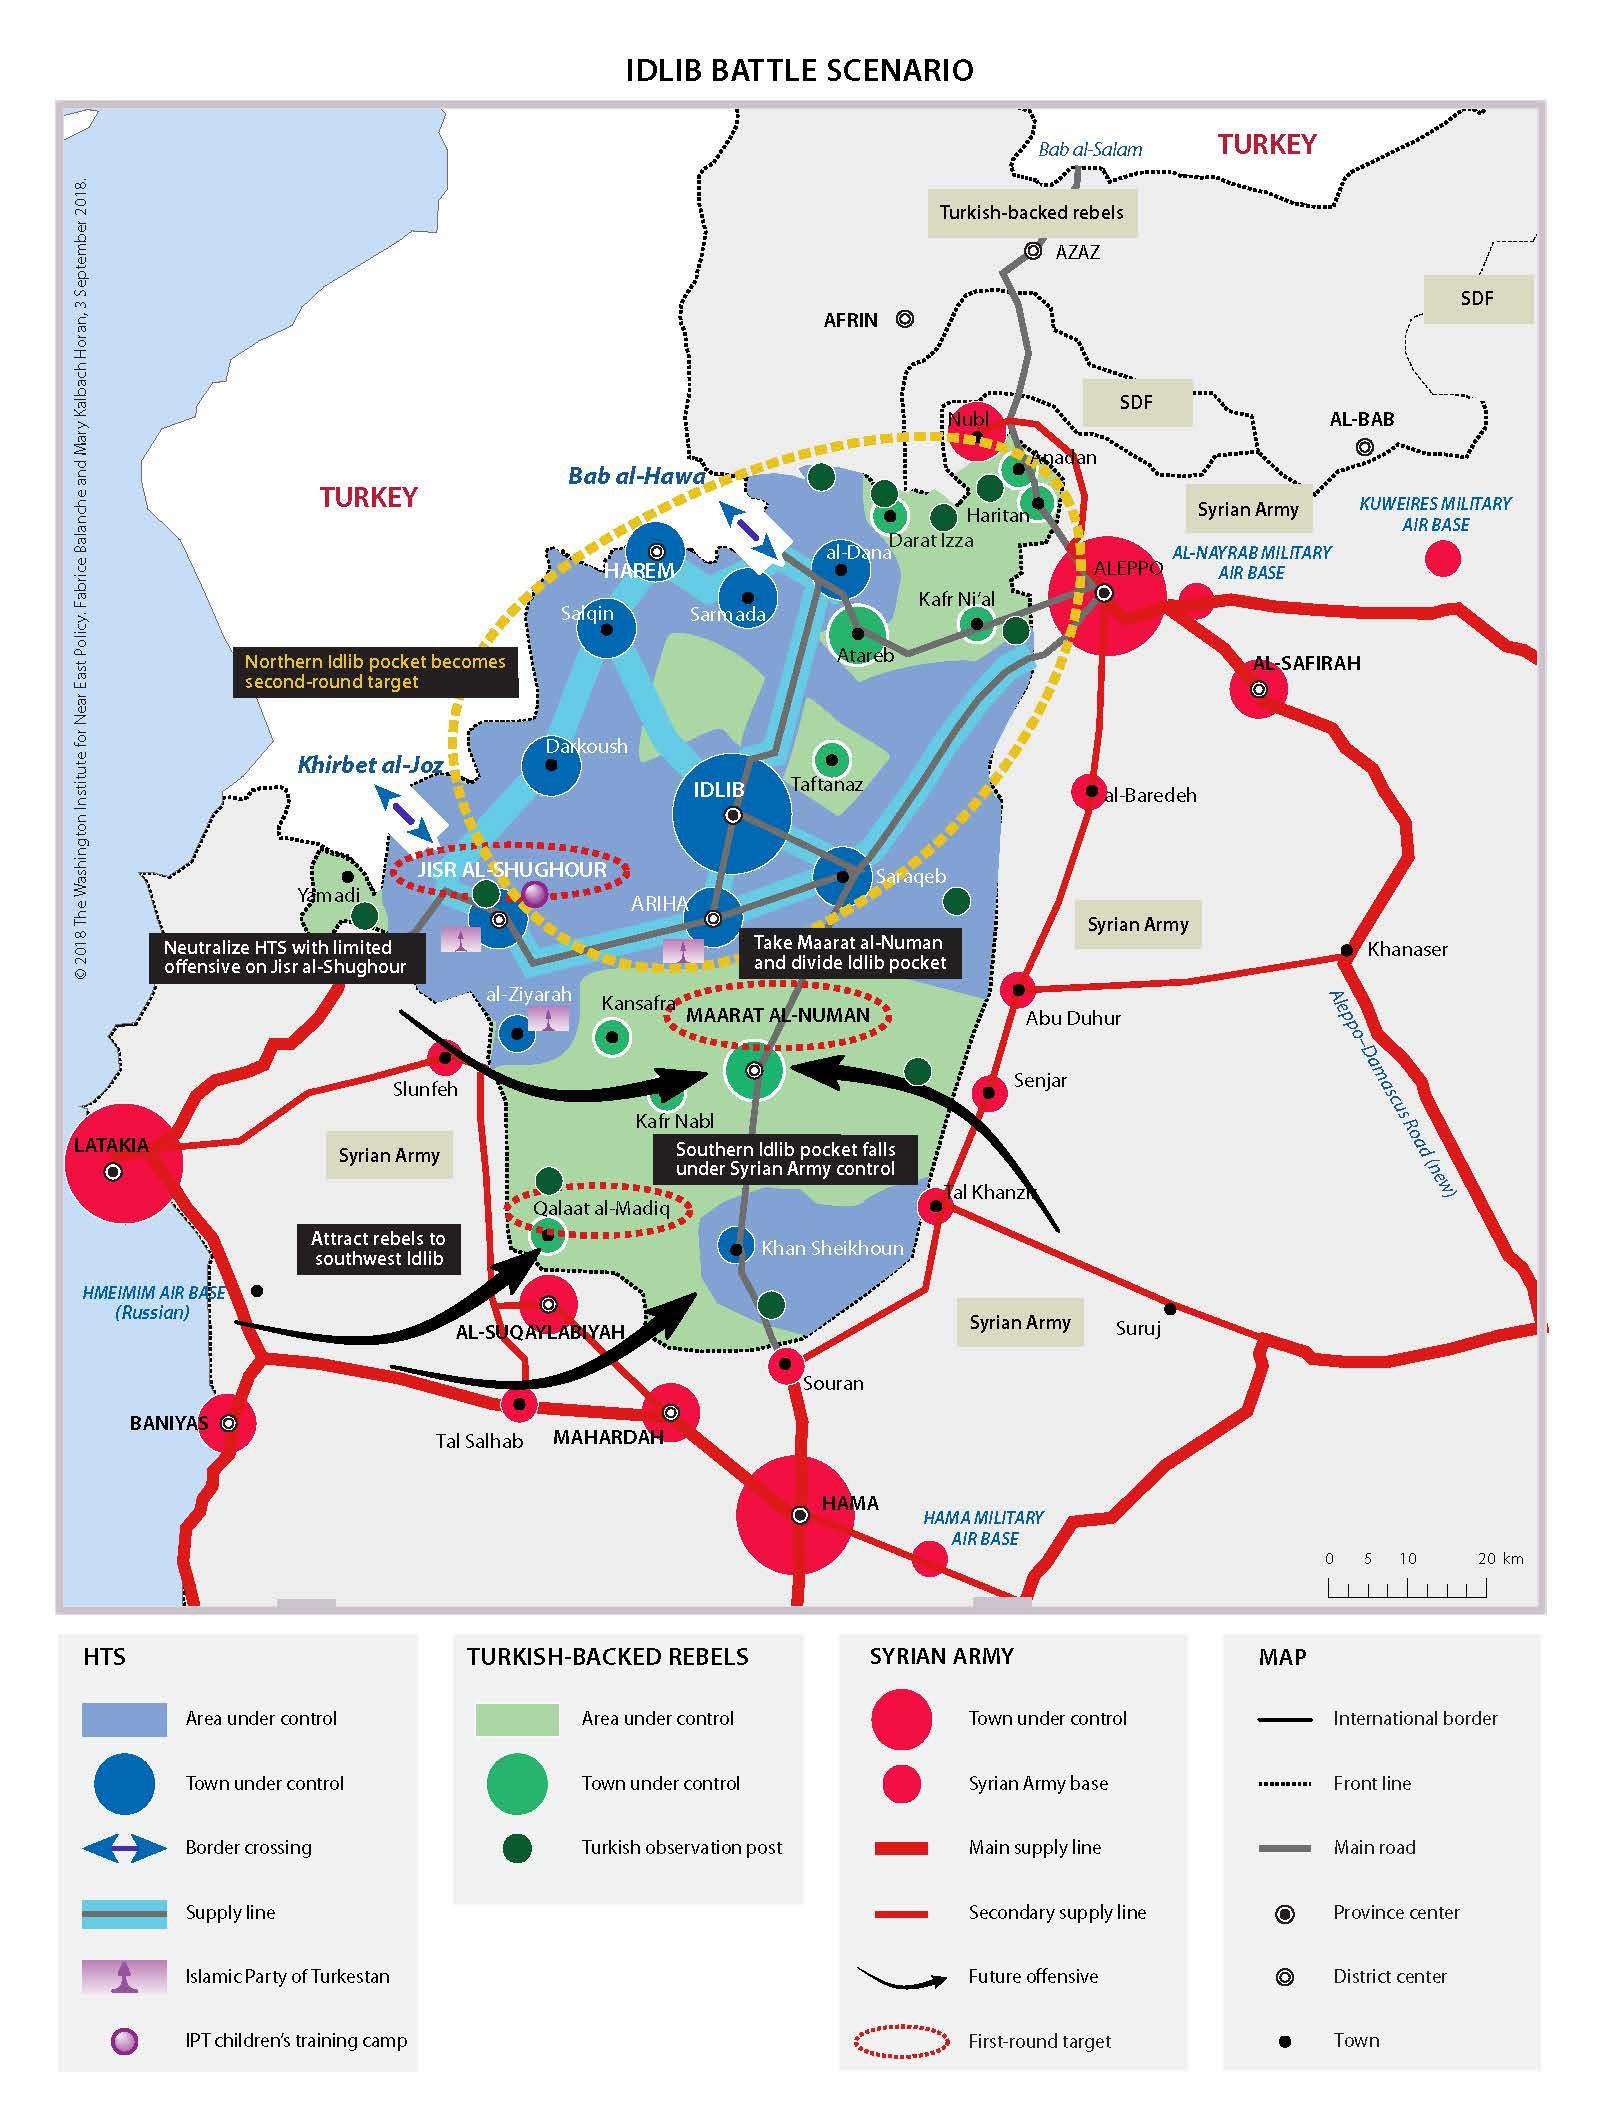 Potencionální bitevní plán k obsazení syrské provincie Idlíb